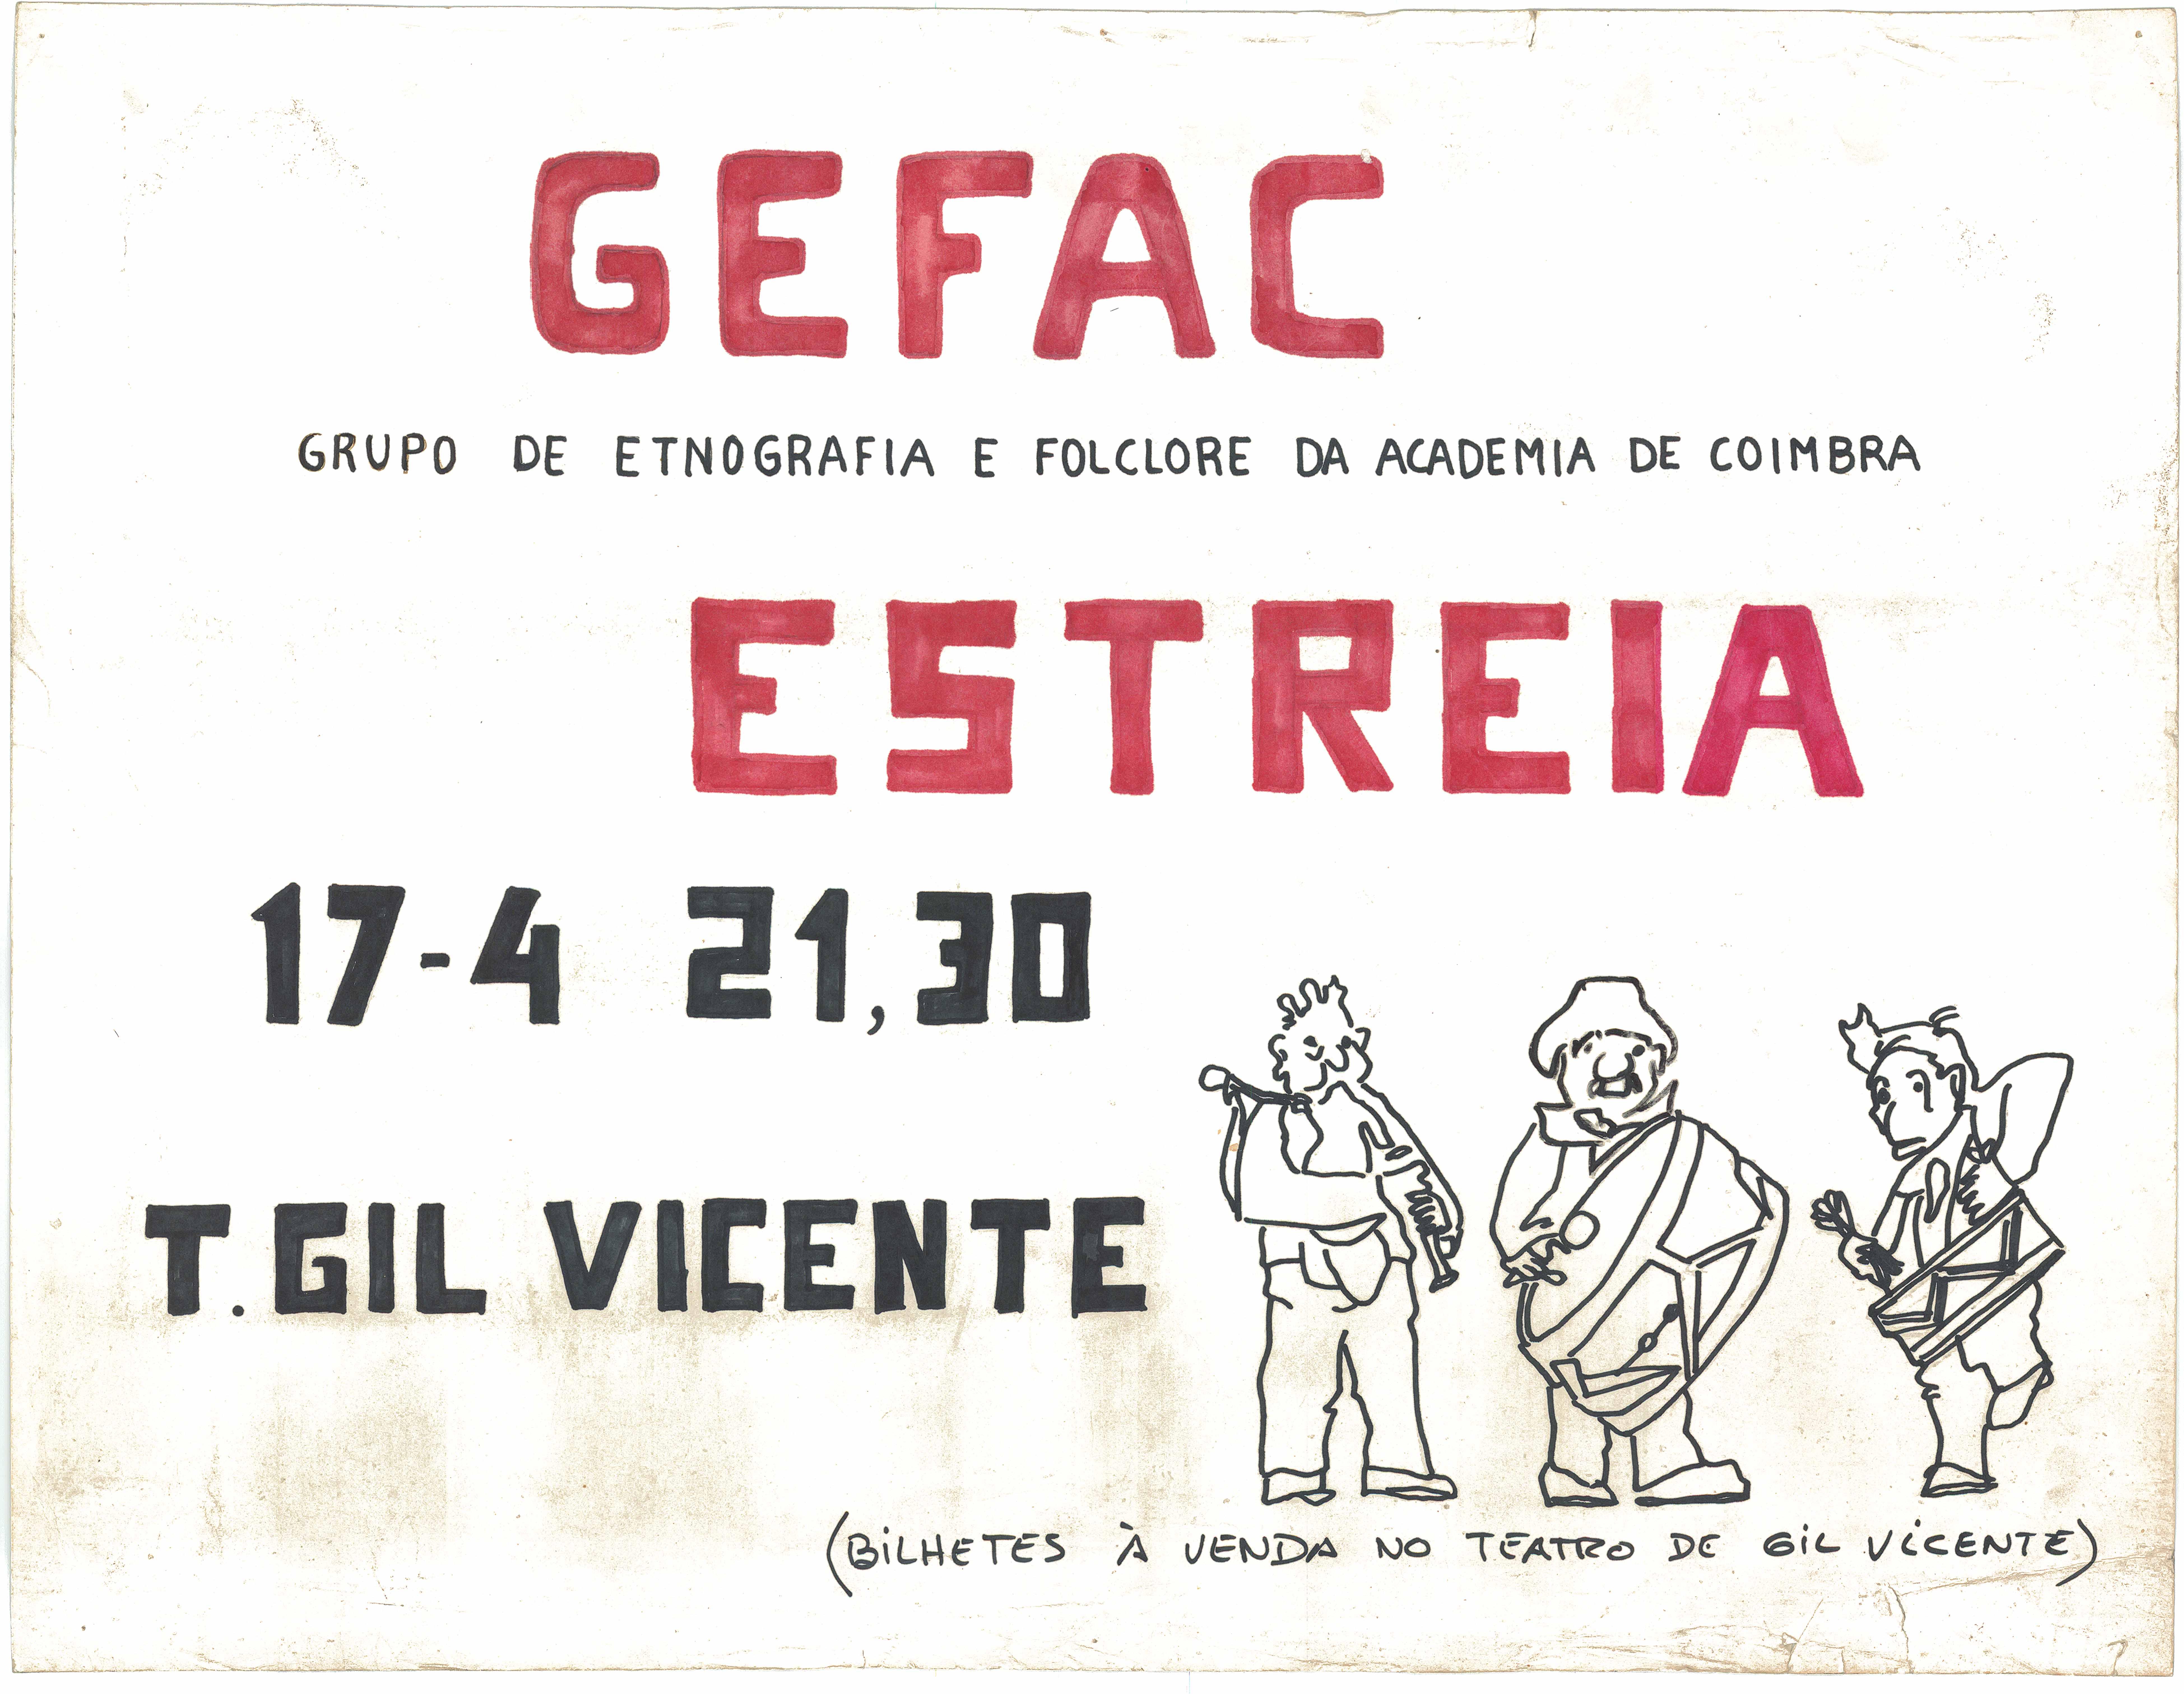 1986_4_17_Estreia A Estalagem GEFAC _ TAGV